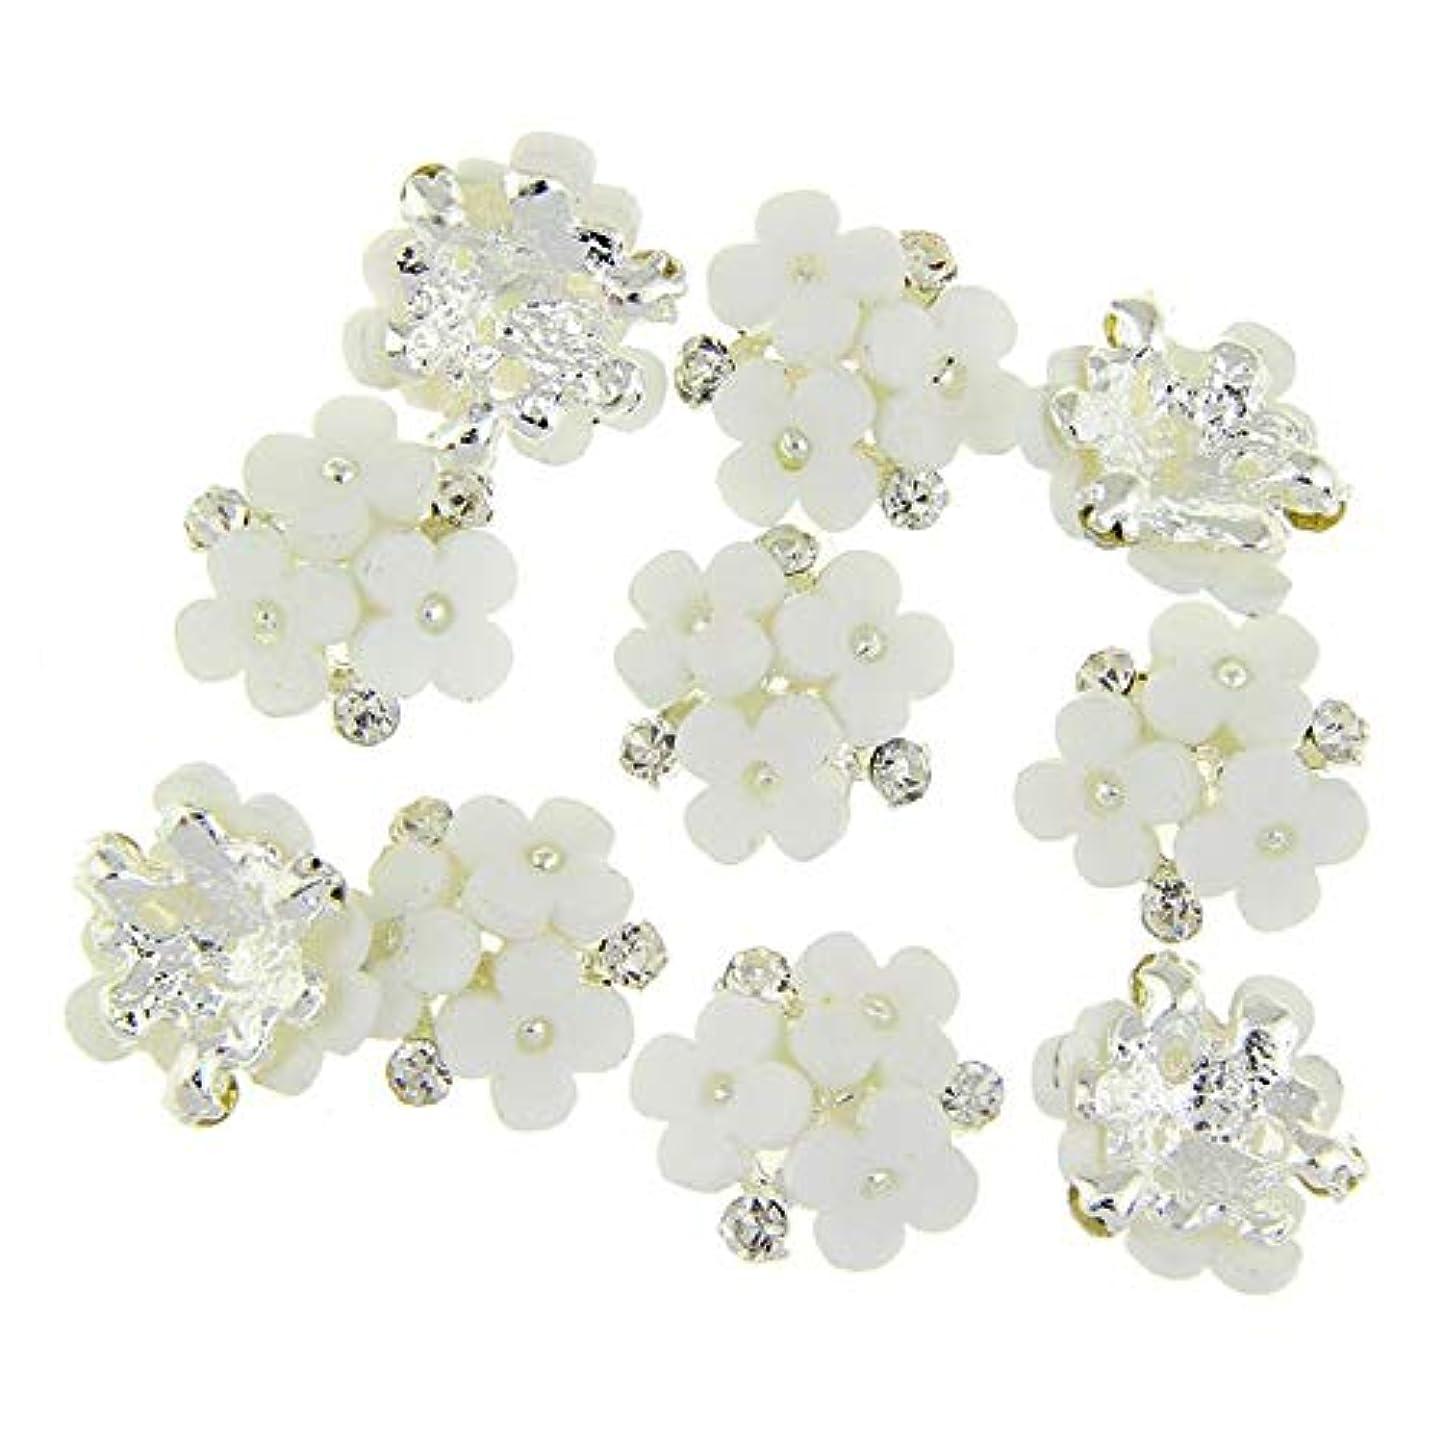 羊原因なぜネイルズ3D花銀合金チャーム用10個/ロット三花柄ラインストーンは、アートの装飾ネイル